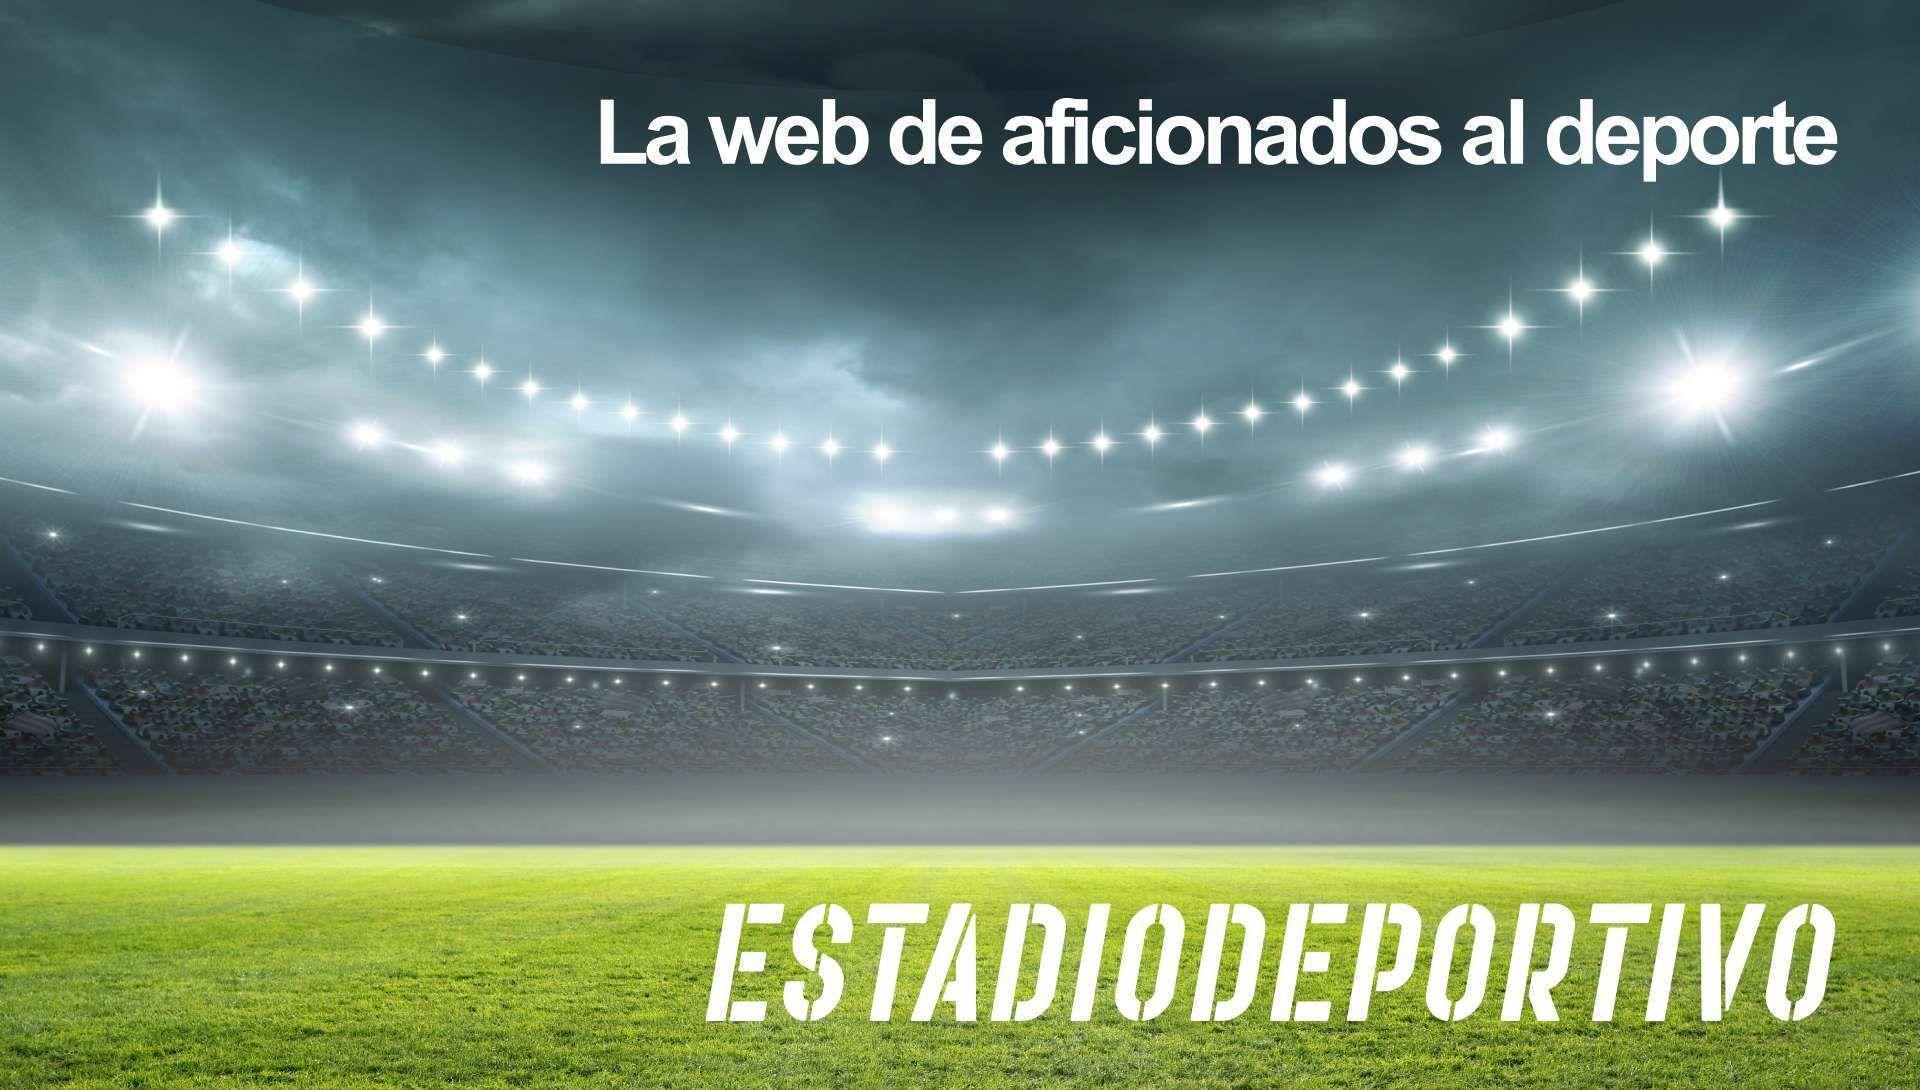 El estreno del Wanda Metropoliano